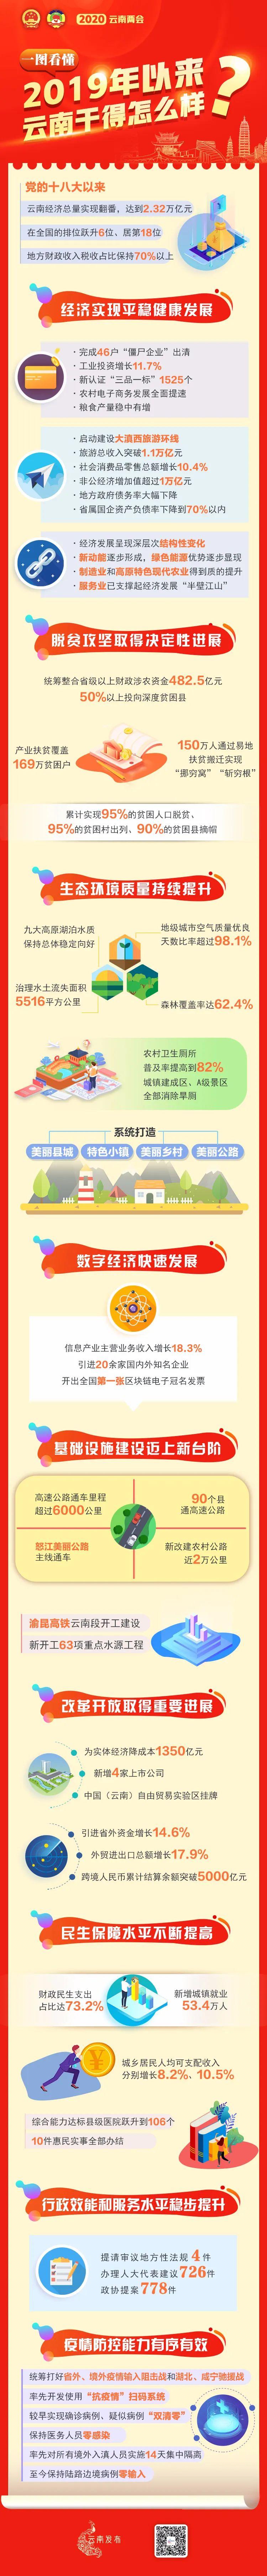 【天富】图看懂20天富19年以来云南干得图片